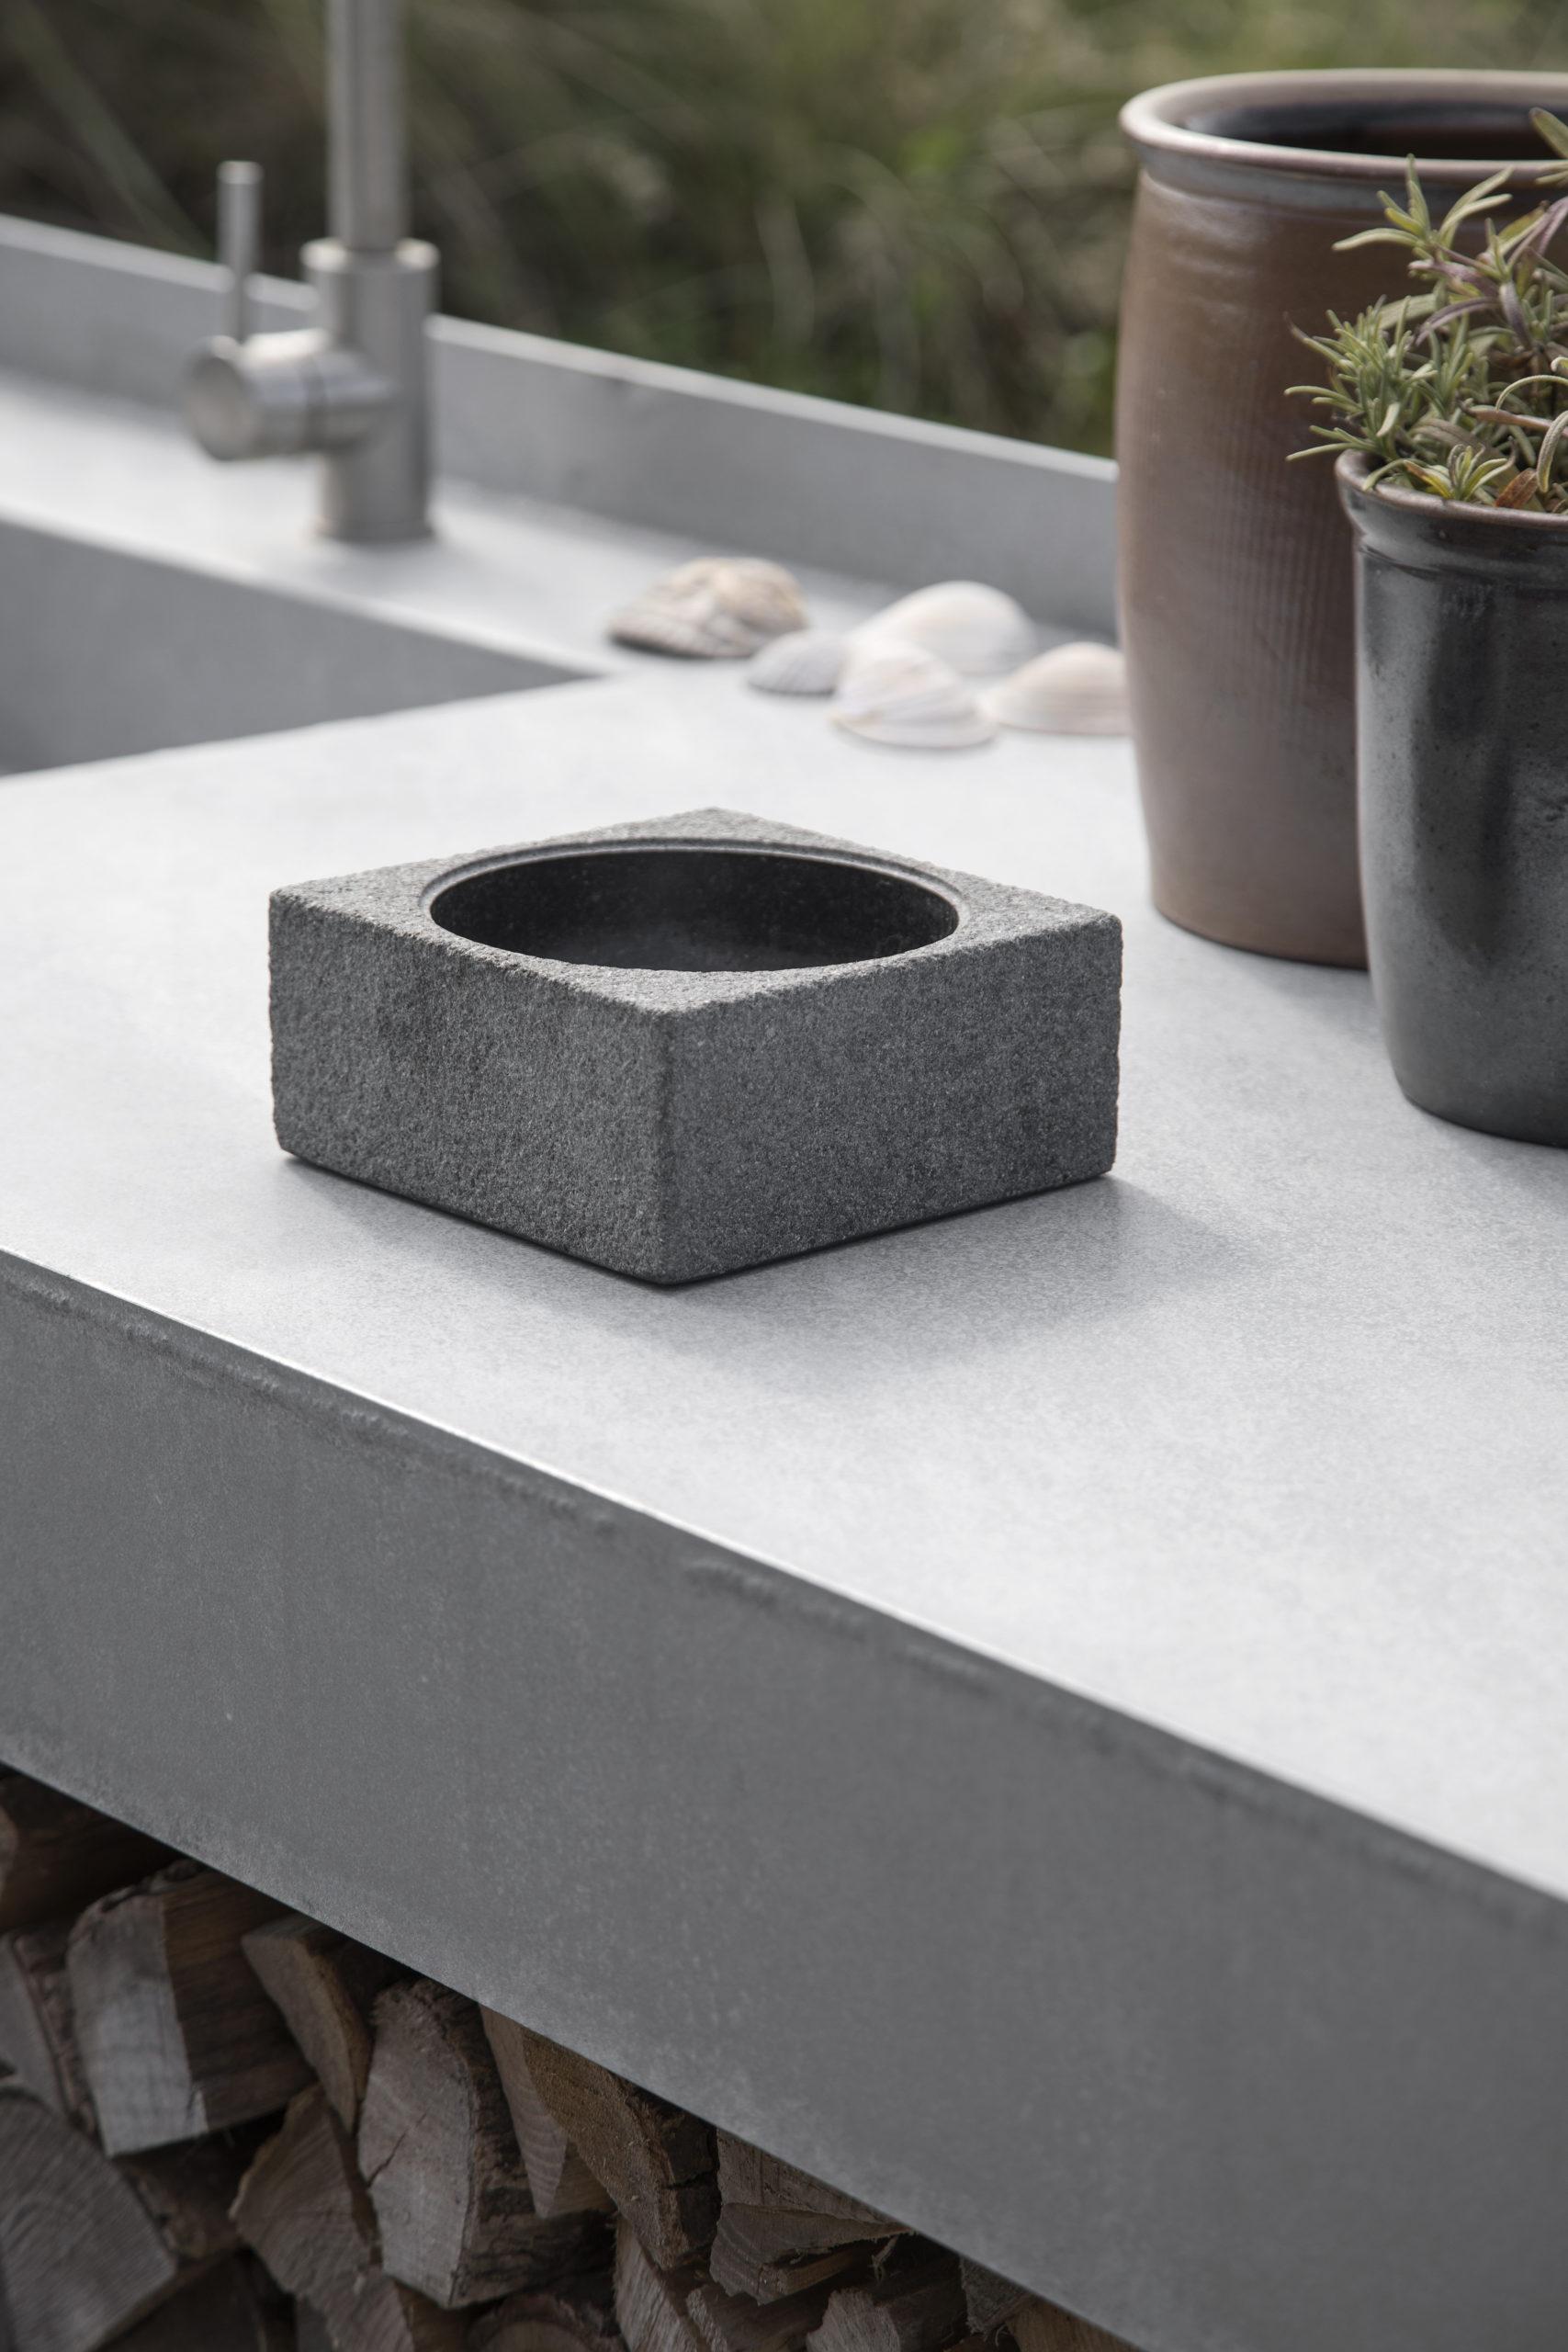 ARCHITECTMADE PK Bowl Granite Home Accessory Denmark Poul Kjærholm